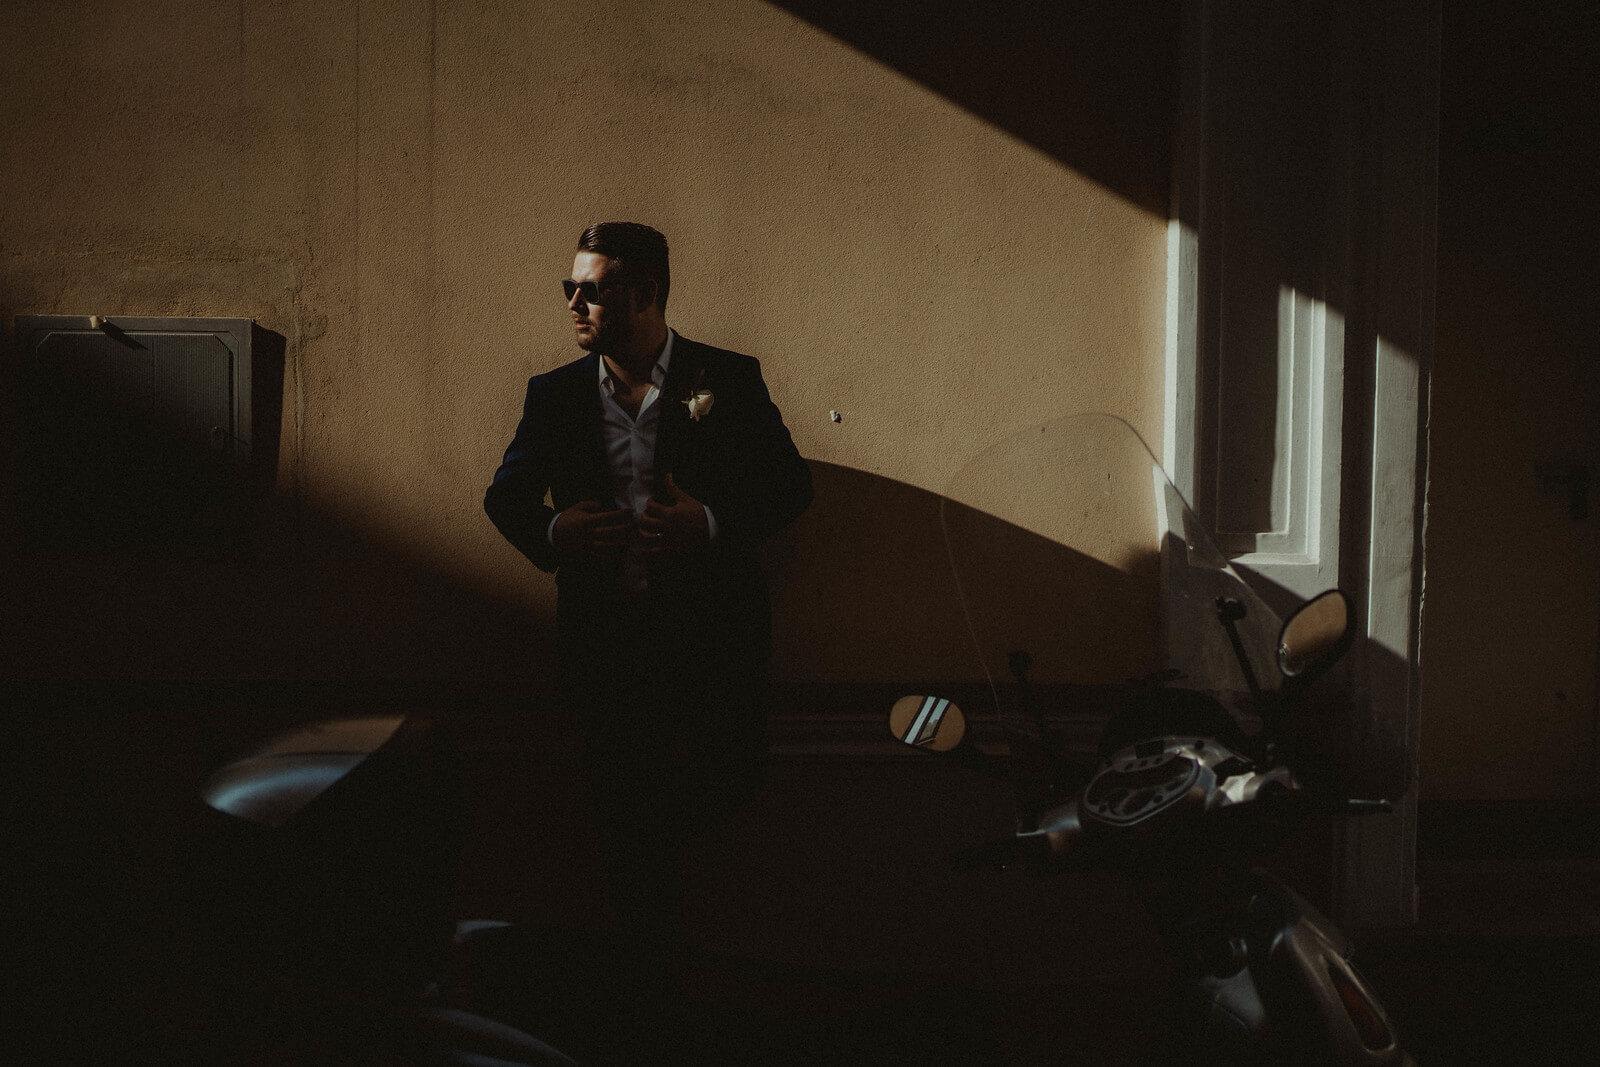 wedding-photographer-and-videographer-Chiostro-di-San-Francesco-15